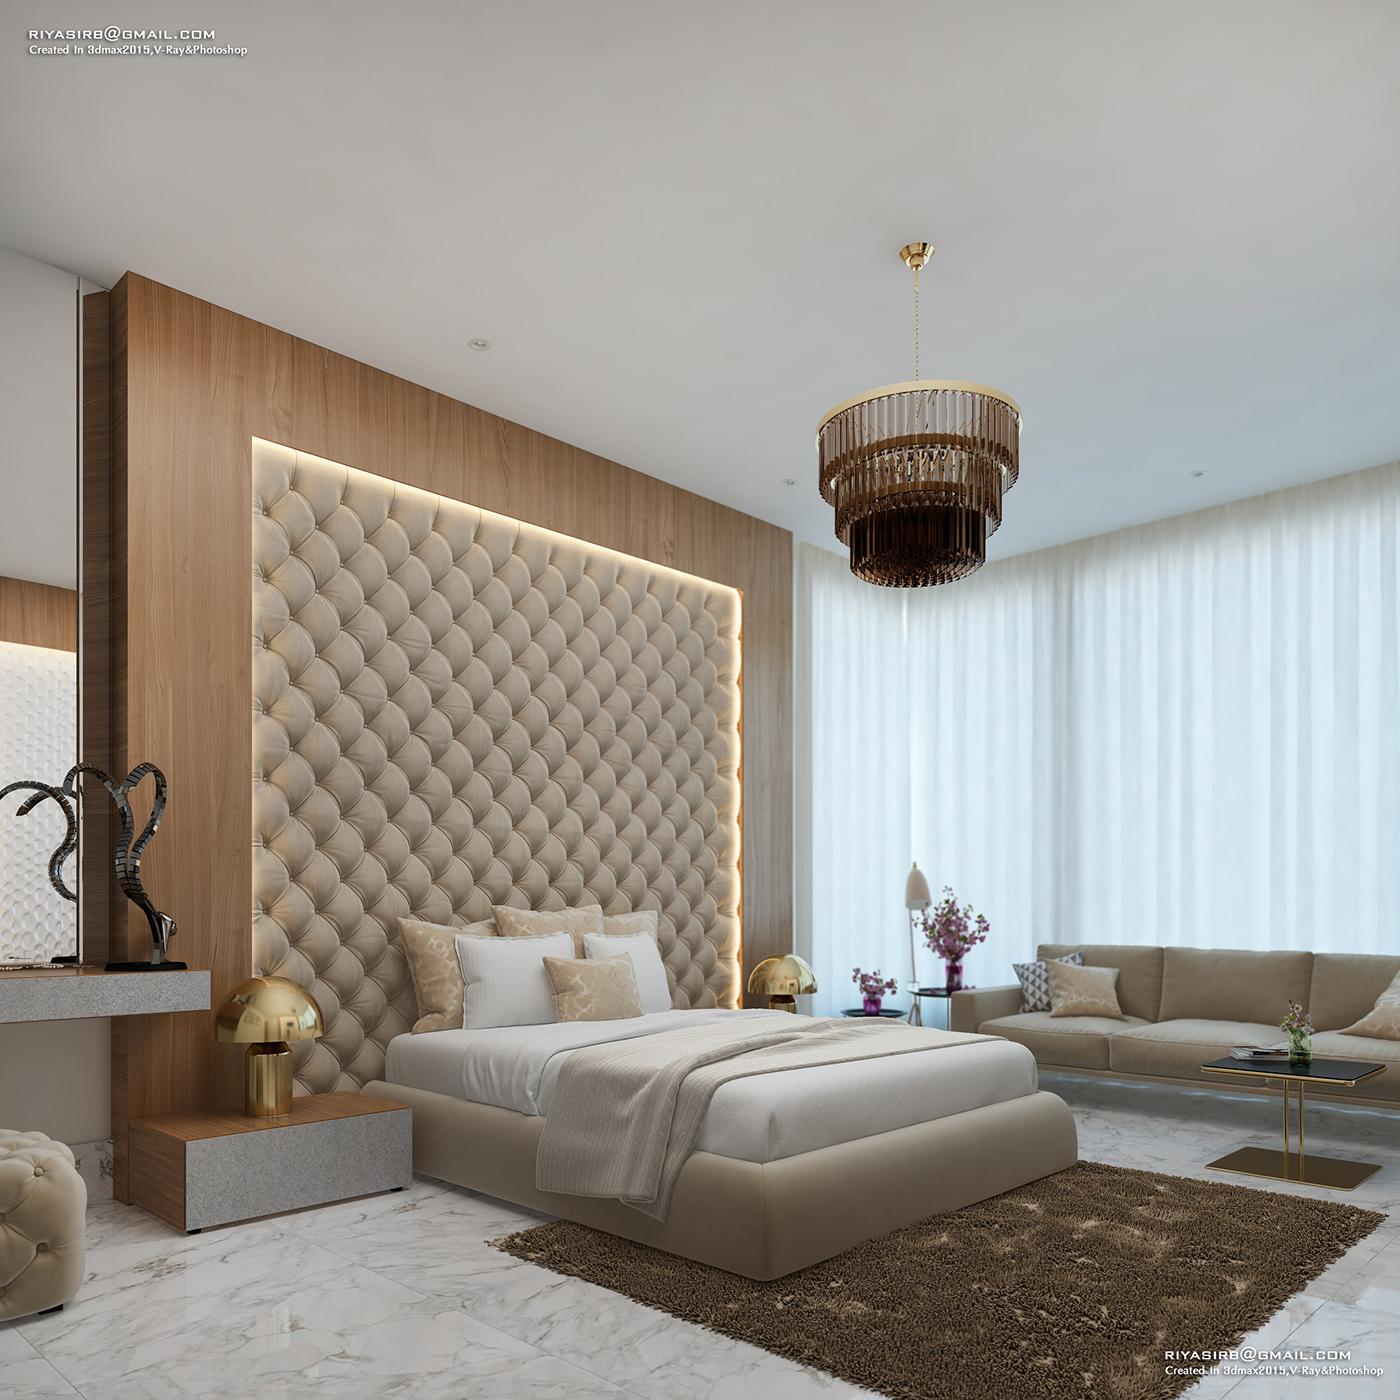 Luxury Master Bedroom Dubai On Behance: VR 360 On Behance